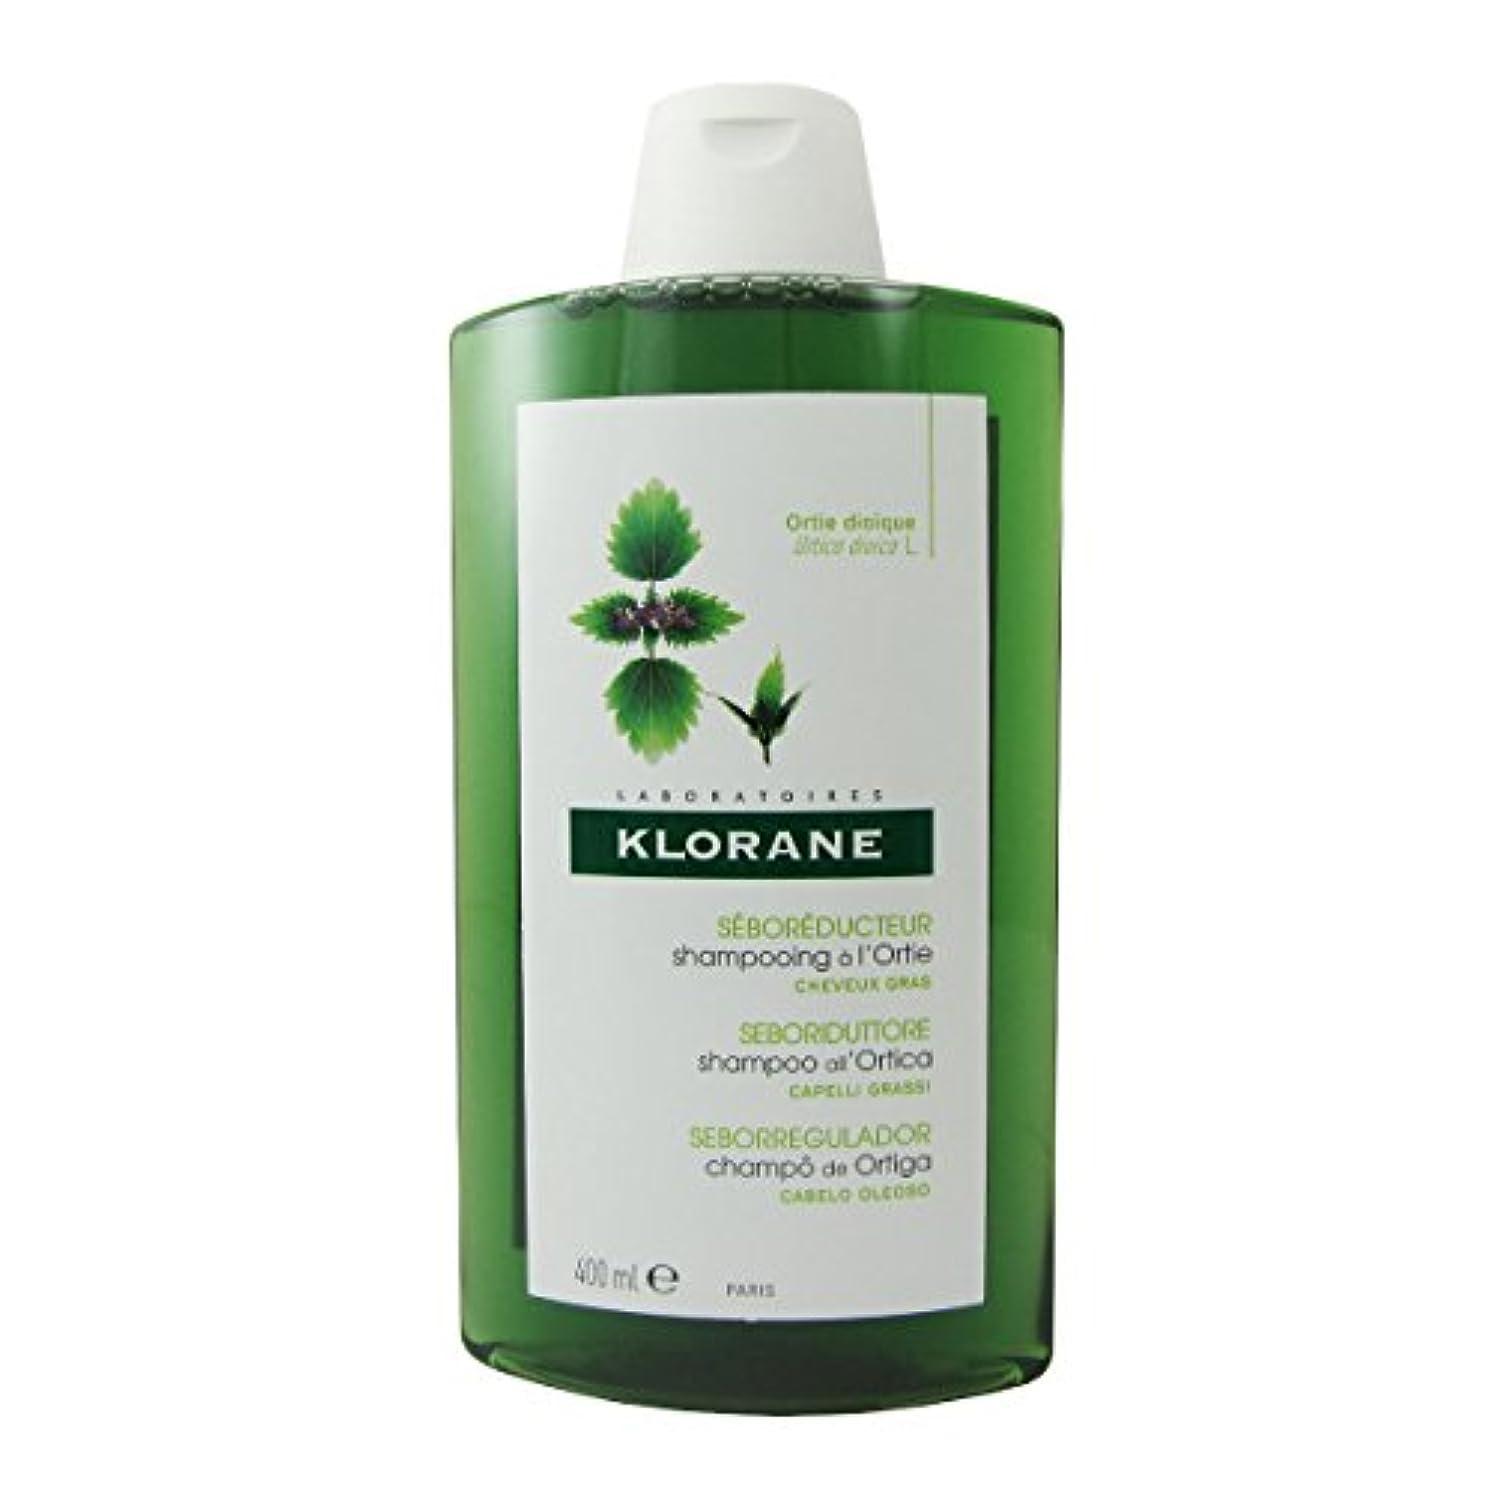 販売計画協力的コテージKlorane Oily Hair White Nettle Shampoo 400ml [並行輸入品]